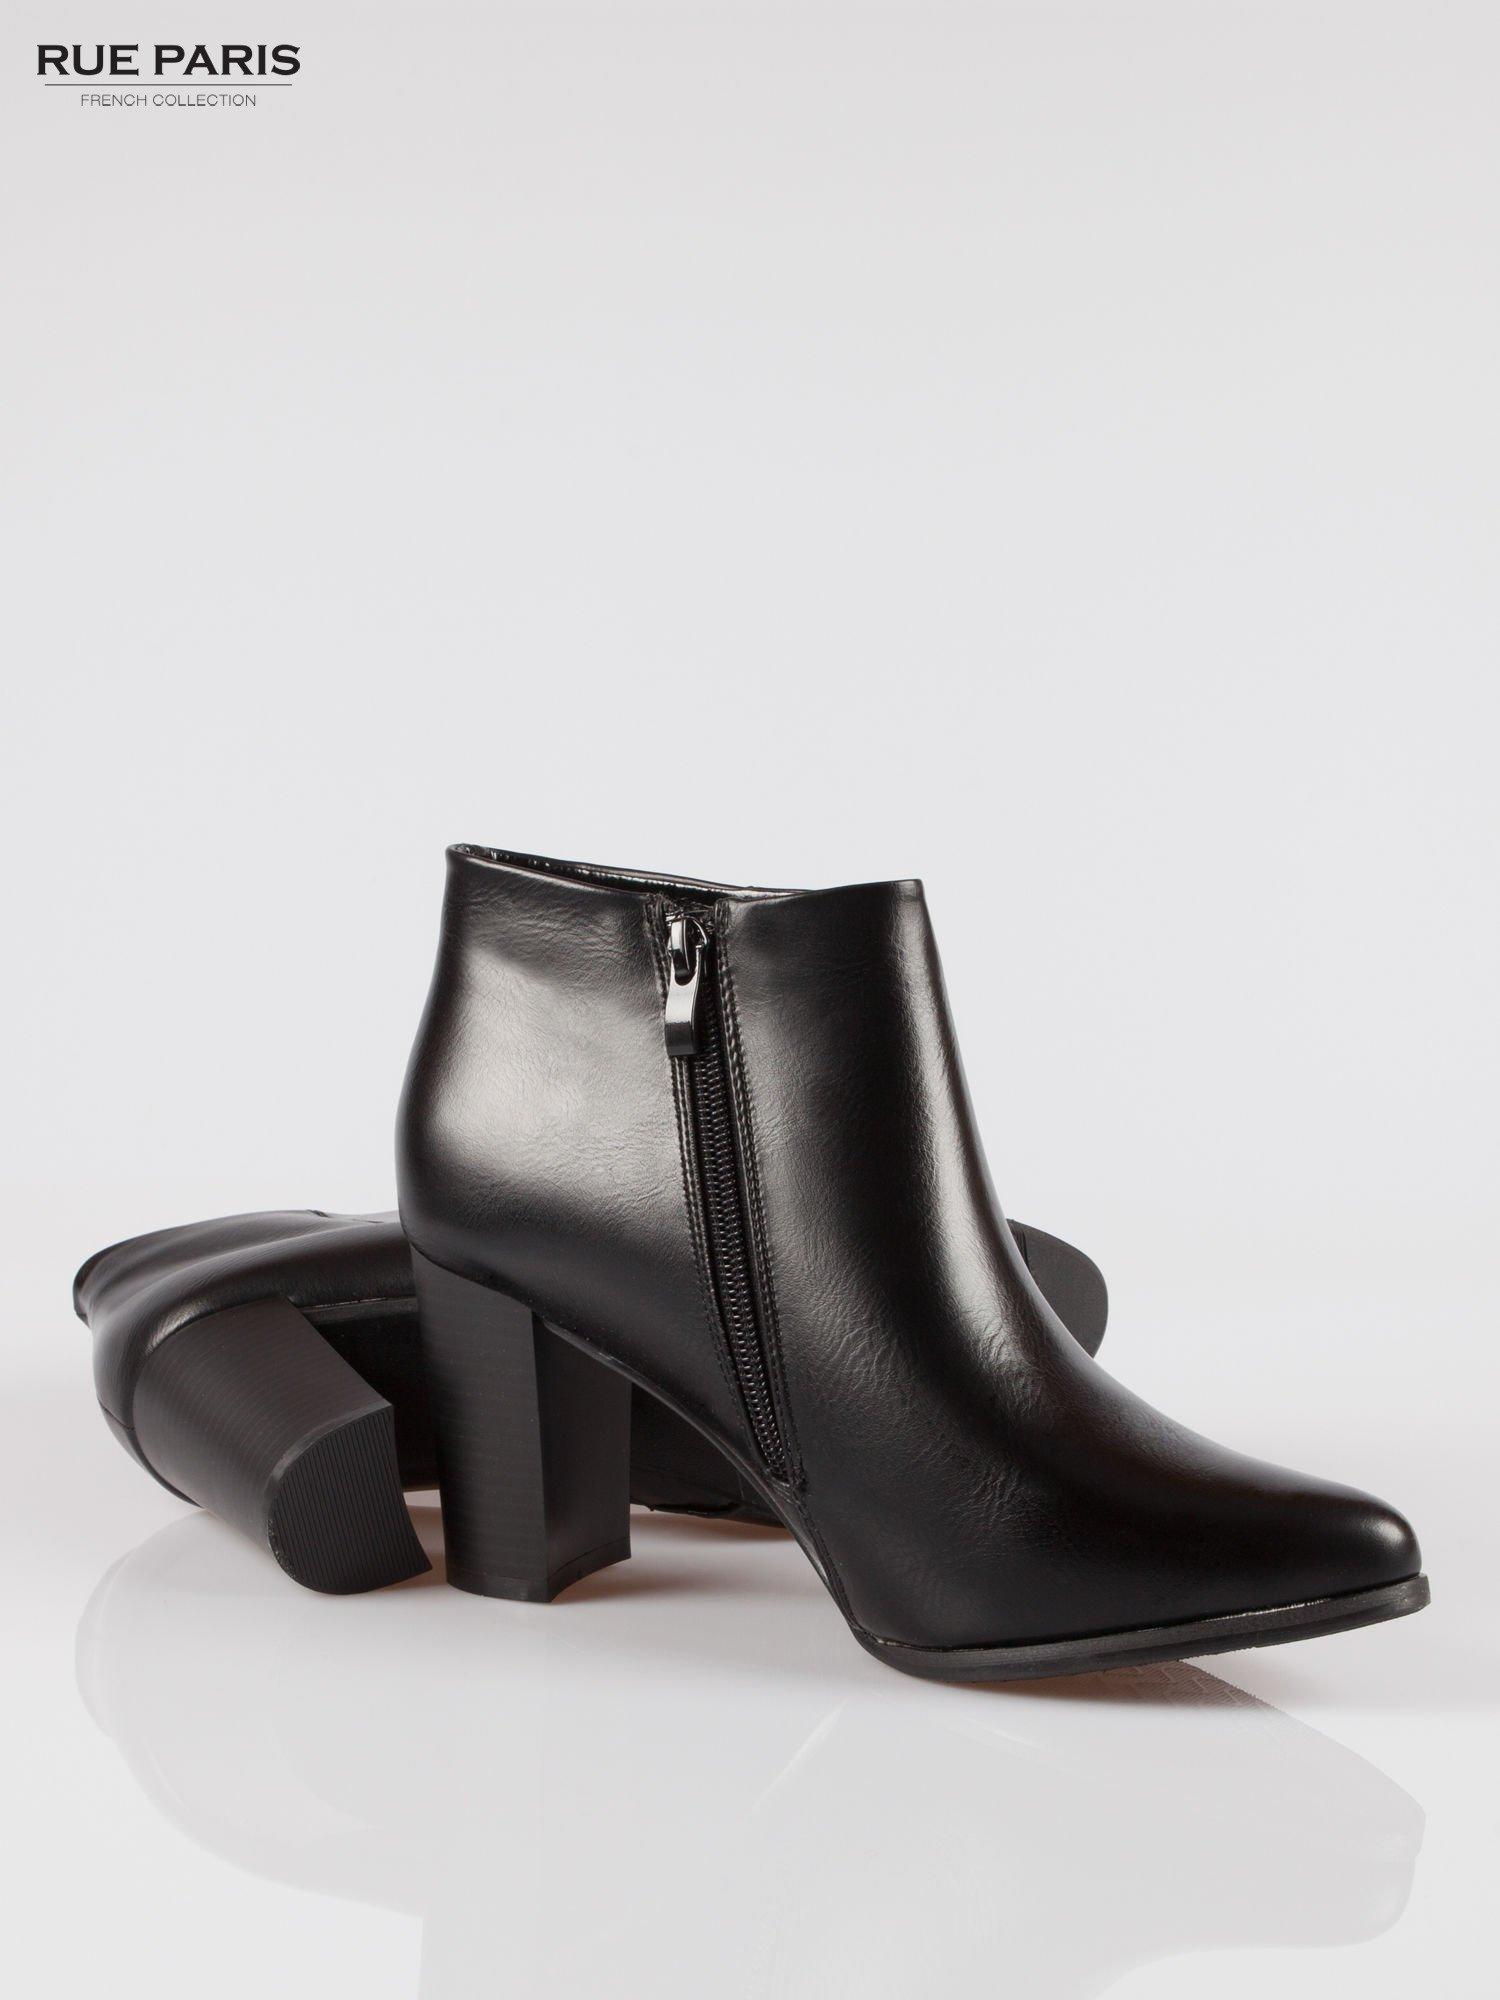 Czarne eleganckie botki na słupkowym obcasie                                  zdj.                                  4